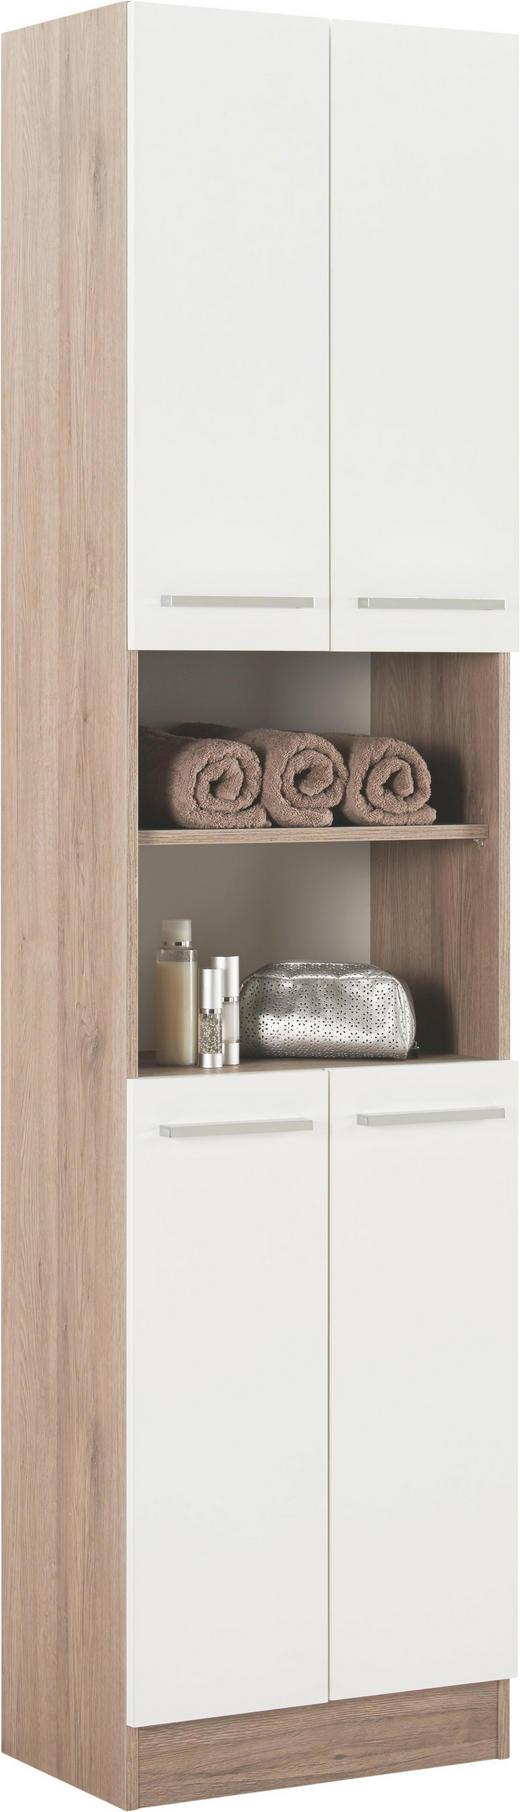 HOCHSCHRANK - Chromfarben/Eichefarben, Design, Holzwerkstoff/Metall (50/195,5/33cm) - Xora